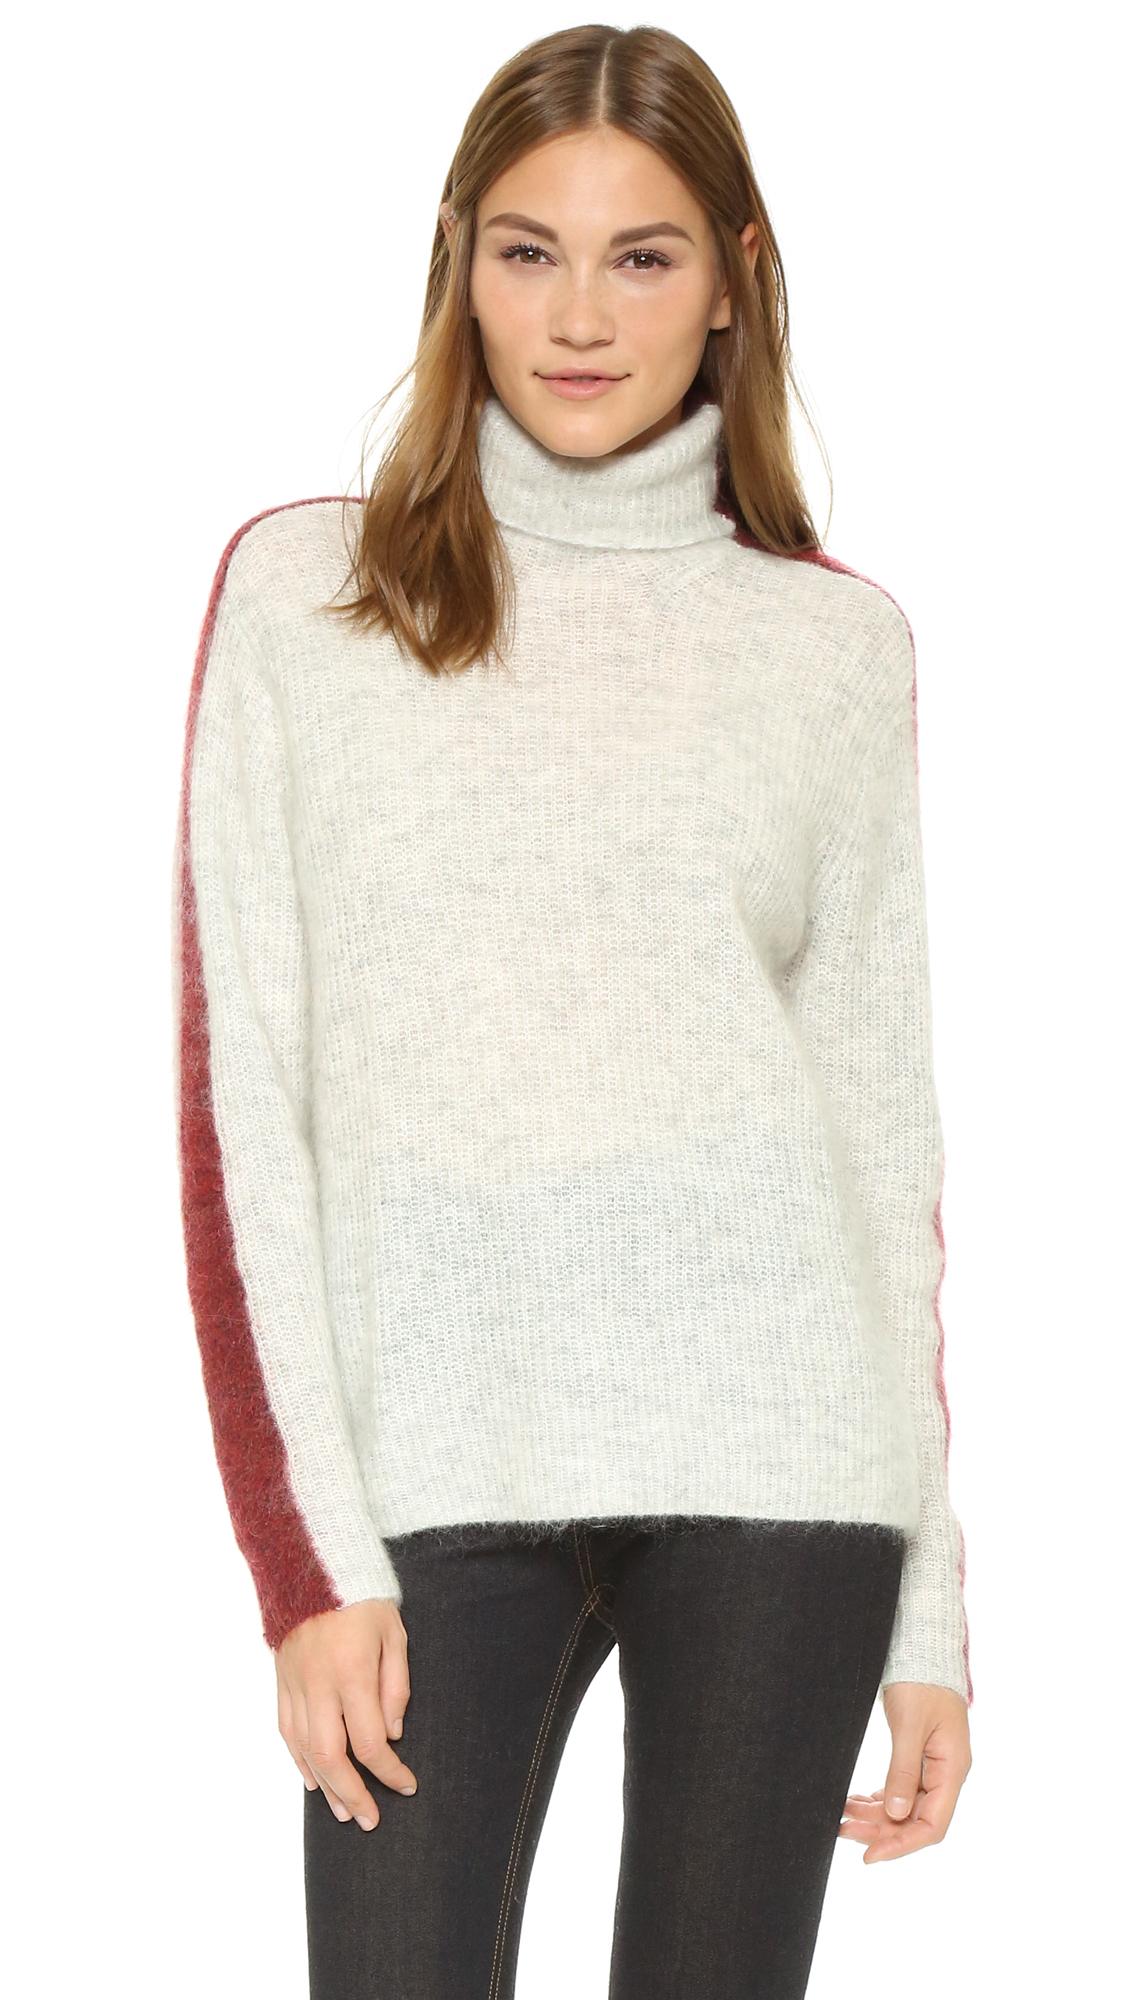 Vanailla Sweater 38